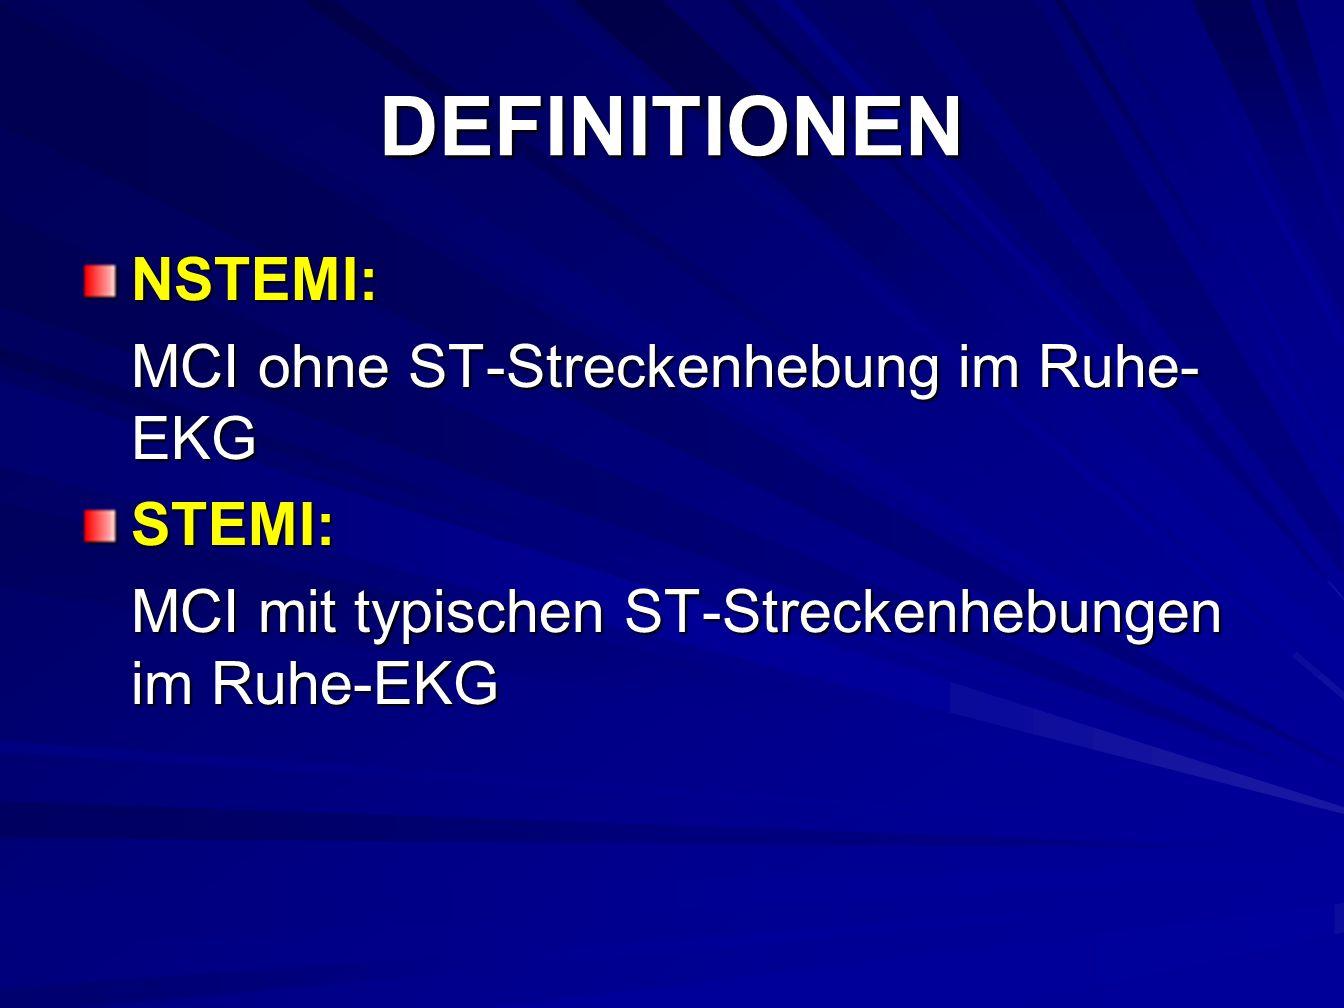 DEFINITIONEN NSTEMI: MCI ohne ST-Streckenhebung im Ruhe- EKG STEMI: MCI mit typischen ST-Streckenhebungen im Ruhe-EKG